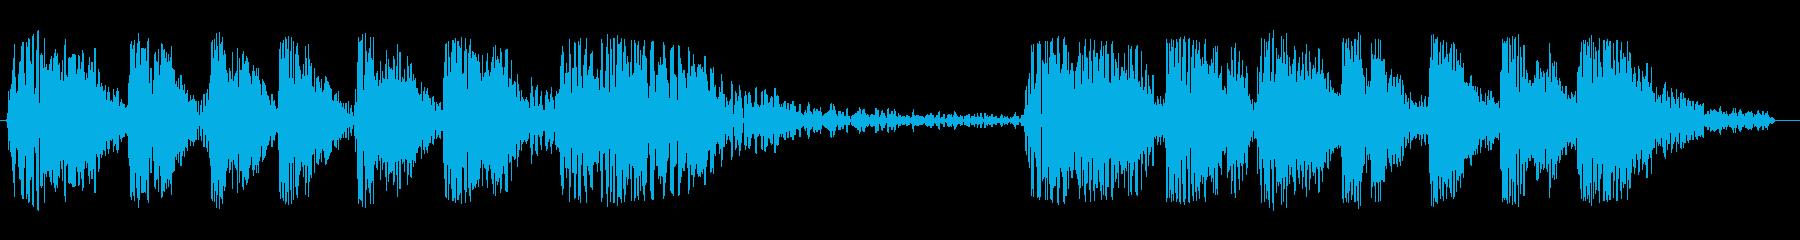 グワングワン・・・グワングワン(伸縮)の再生済みの波形